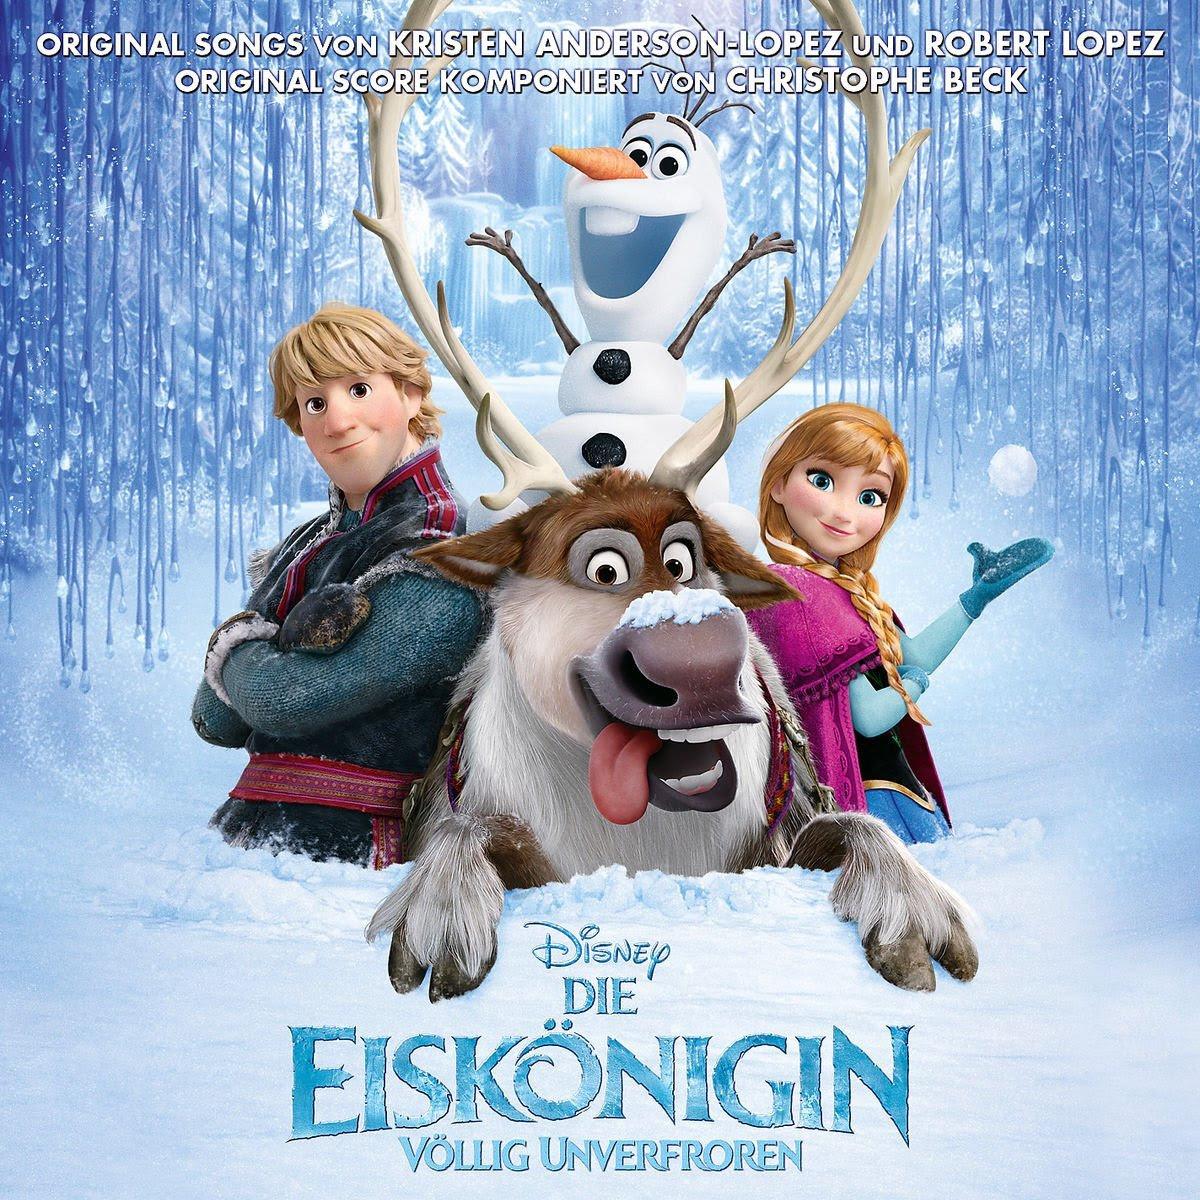 Die Eiskönigin Völlig Unverfroren Soundtrackalbum Disney Wiki